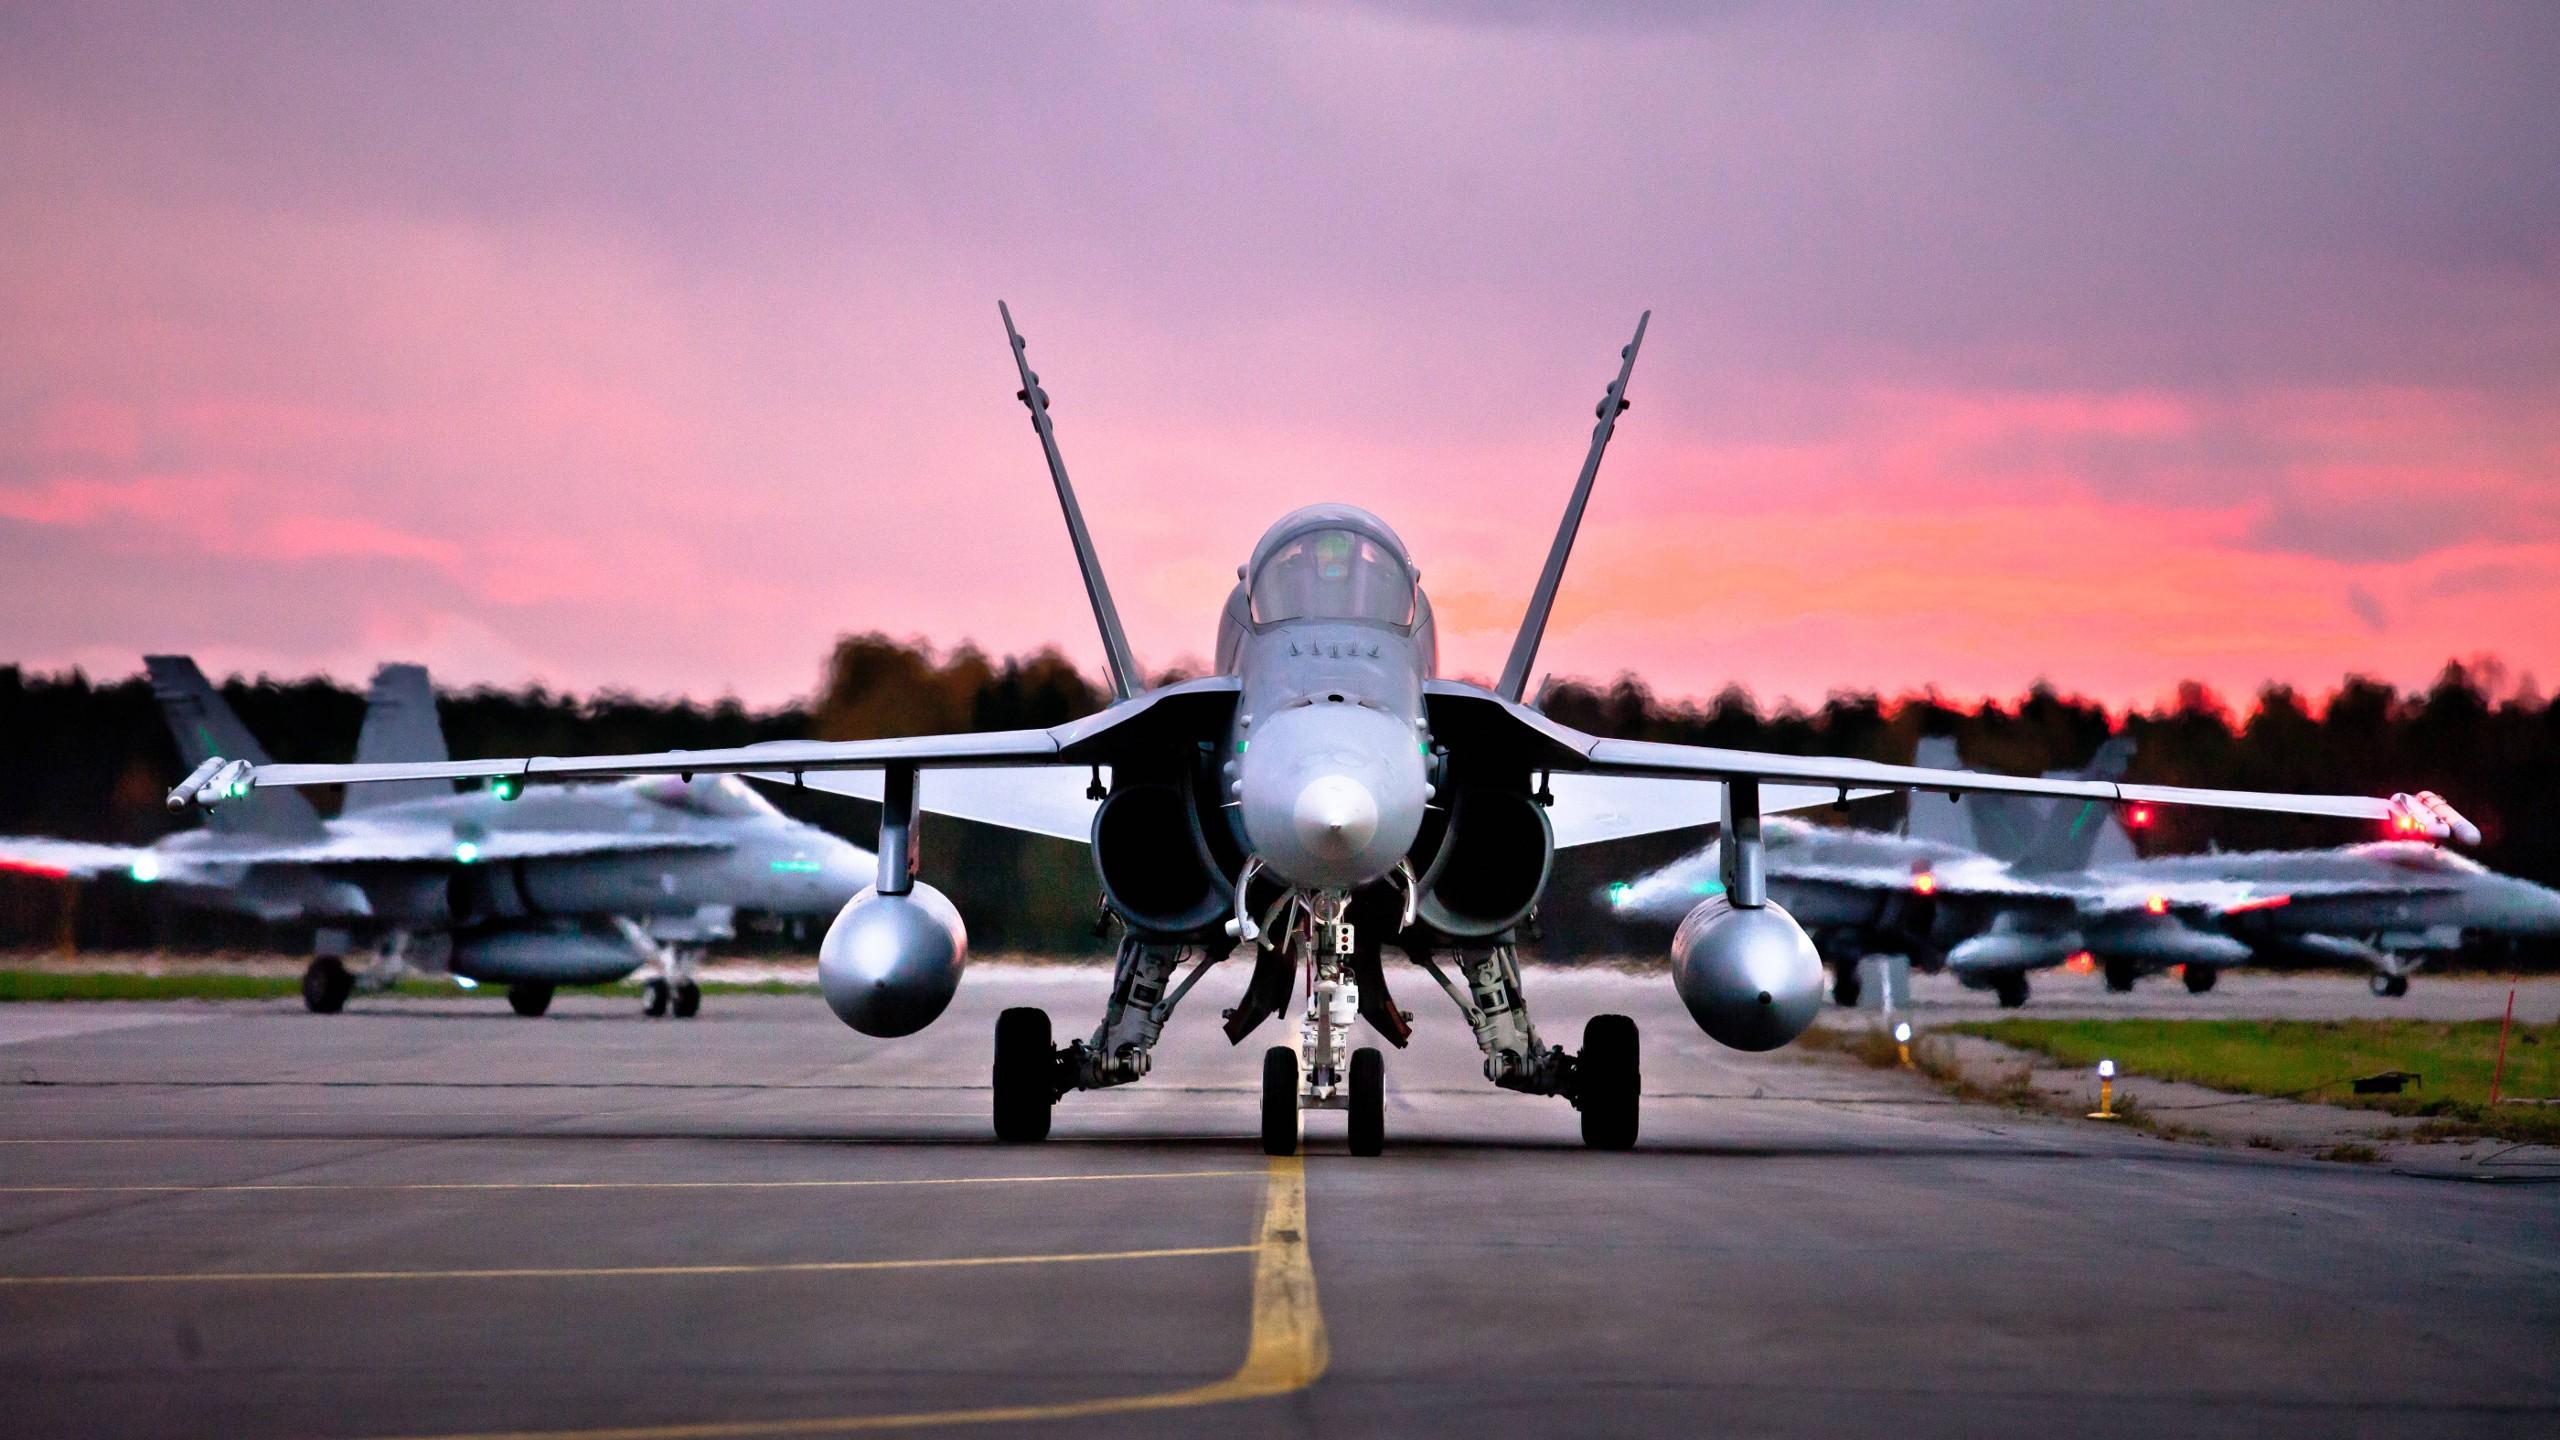 Fondos De Pantalla 2560x1440 Px Fuerza Aérea Finlandesa